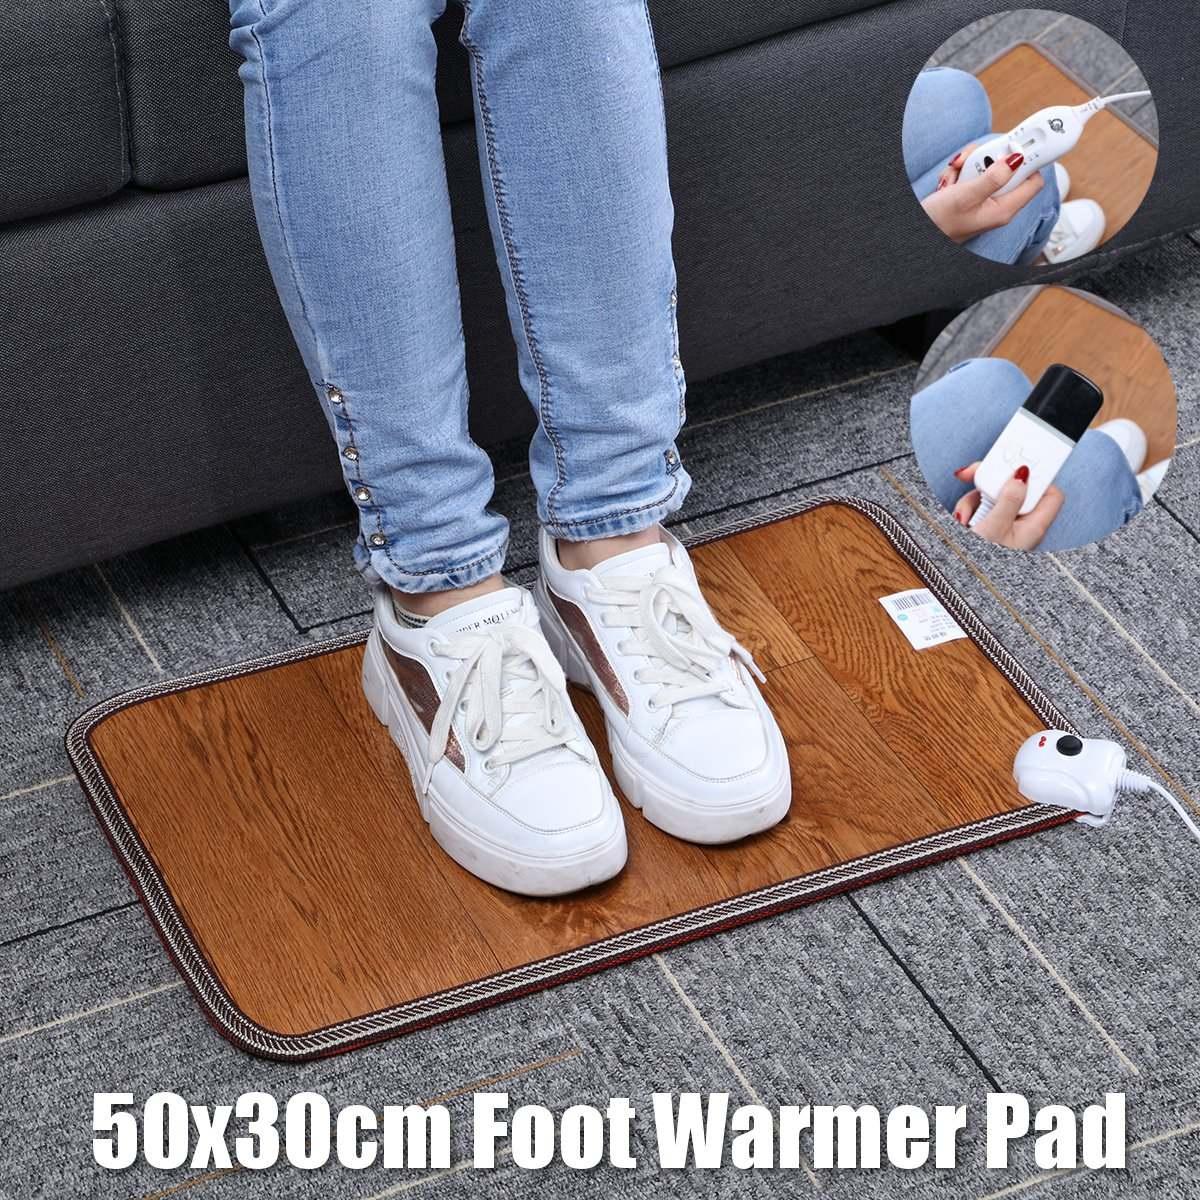 3 padrão de couro aquecimento pé esteira mais quente almofadas de aquecimento elétrico à prova dwaterproof água pés perna mais quente tapete termostato aquecimento ferramentas 220v